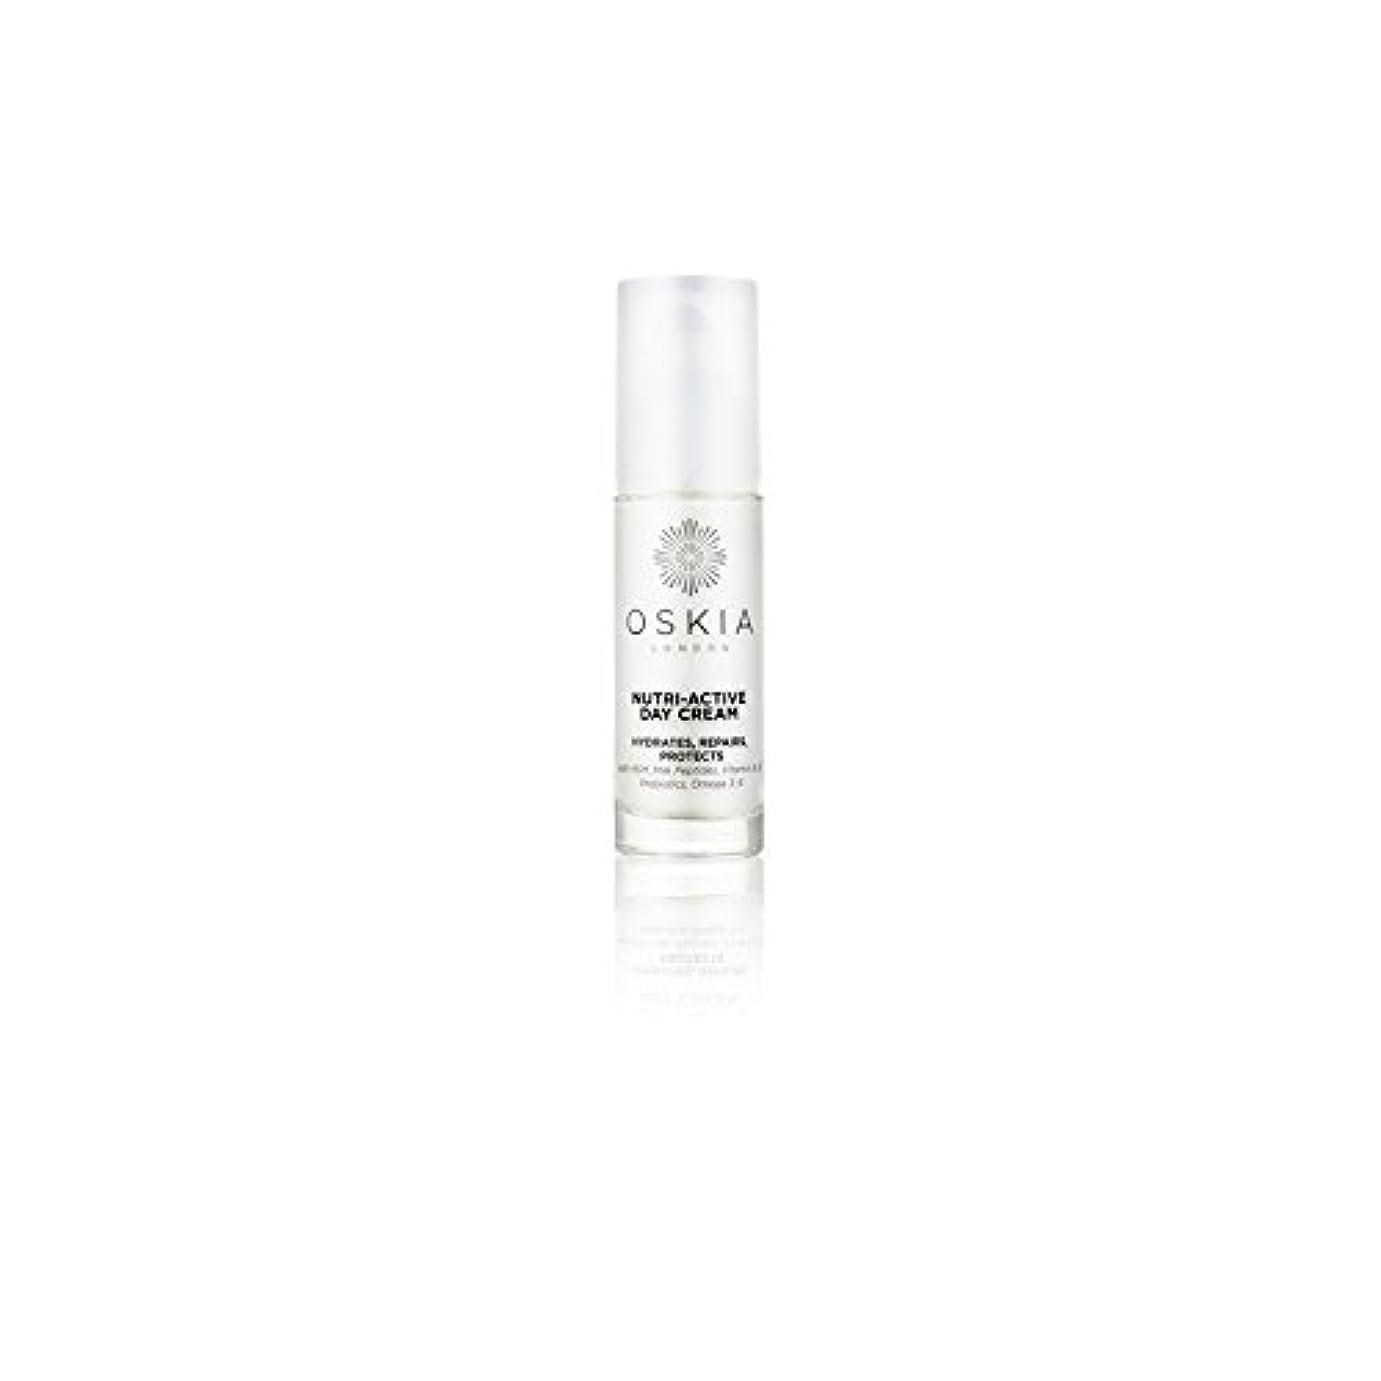 ルーボトルネック一致するのニュートリアクティブデイクリーム(40ミリリットル) x4 - Oskia Nutri-Active Day Cream (40ml) (Pack of 4) [並行輸入品]